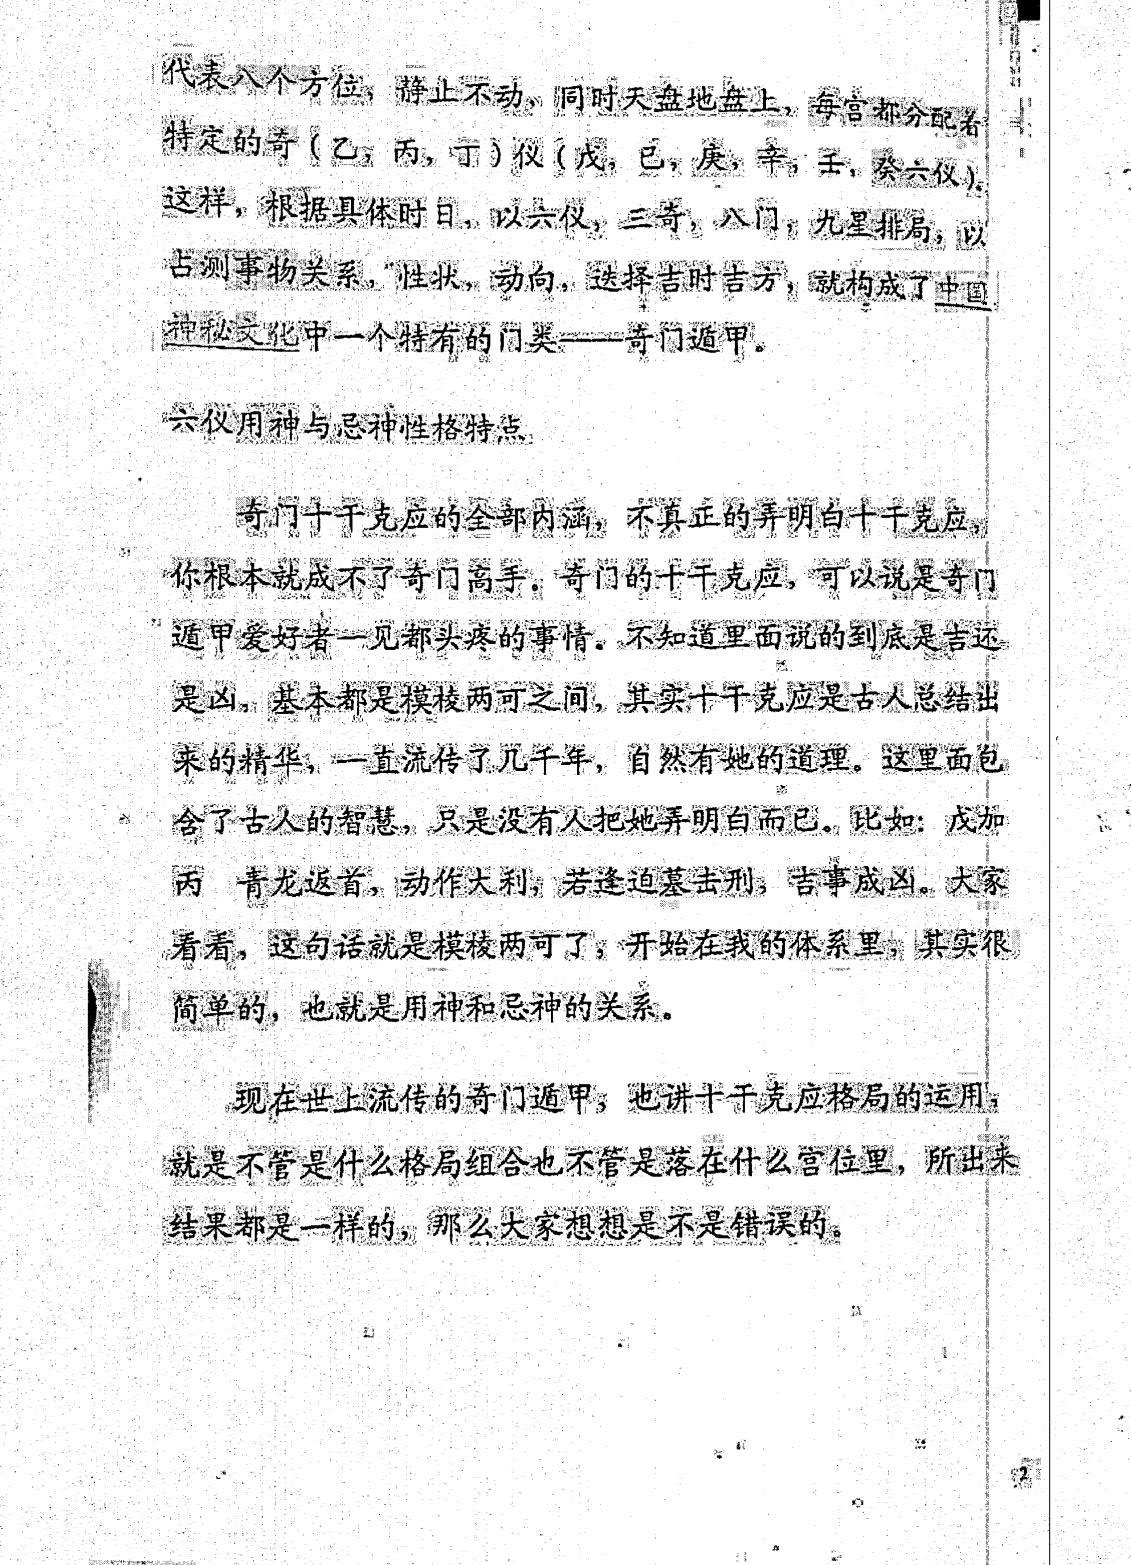 《铁书生奇门遁甲铁口断》2016年内部讲义_5